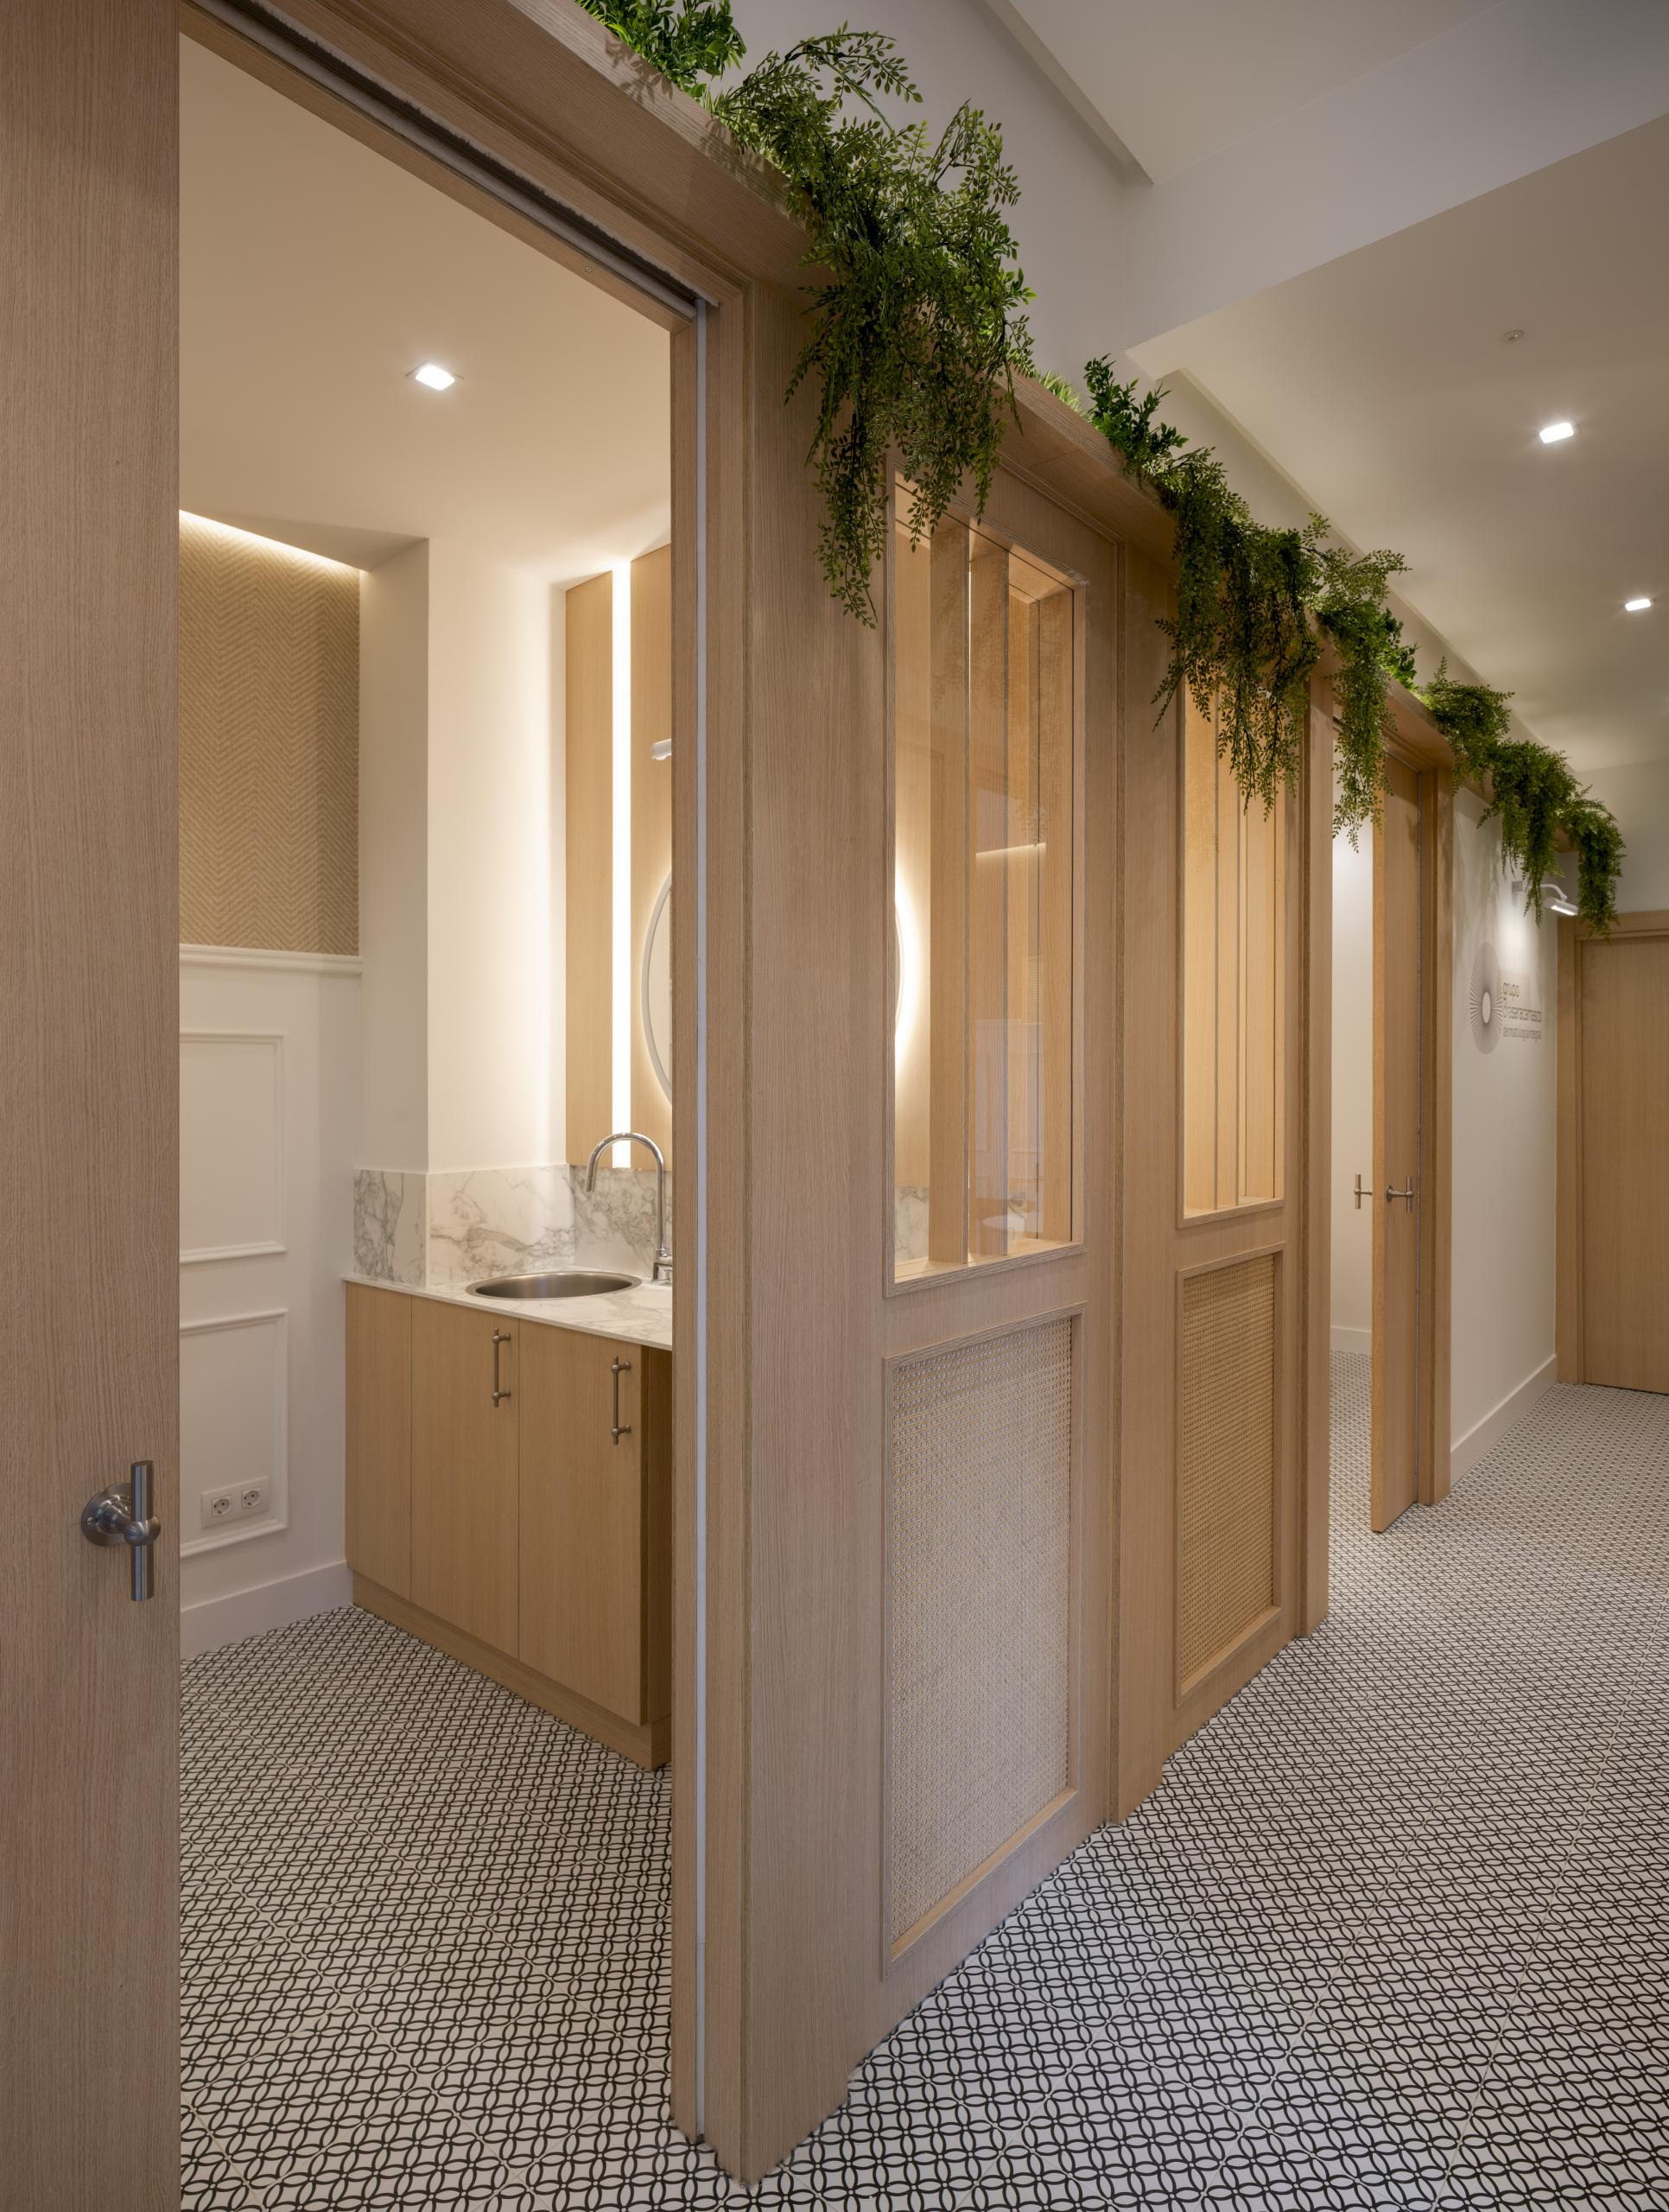 Diseño interior de clinica, reforma integral Sube Interiorismo Bilbao